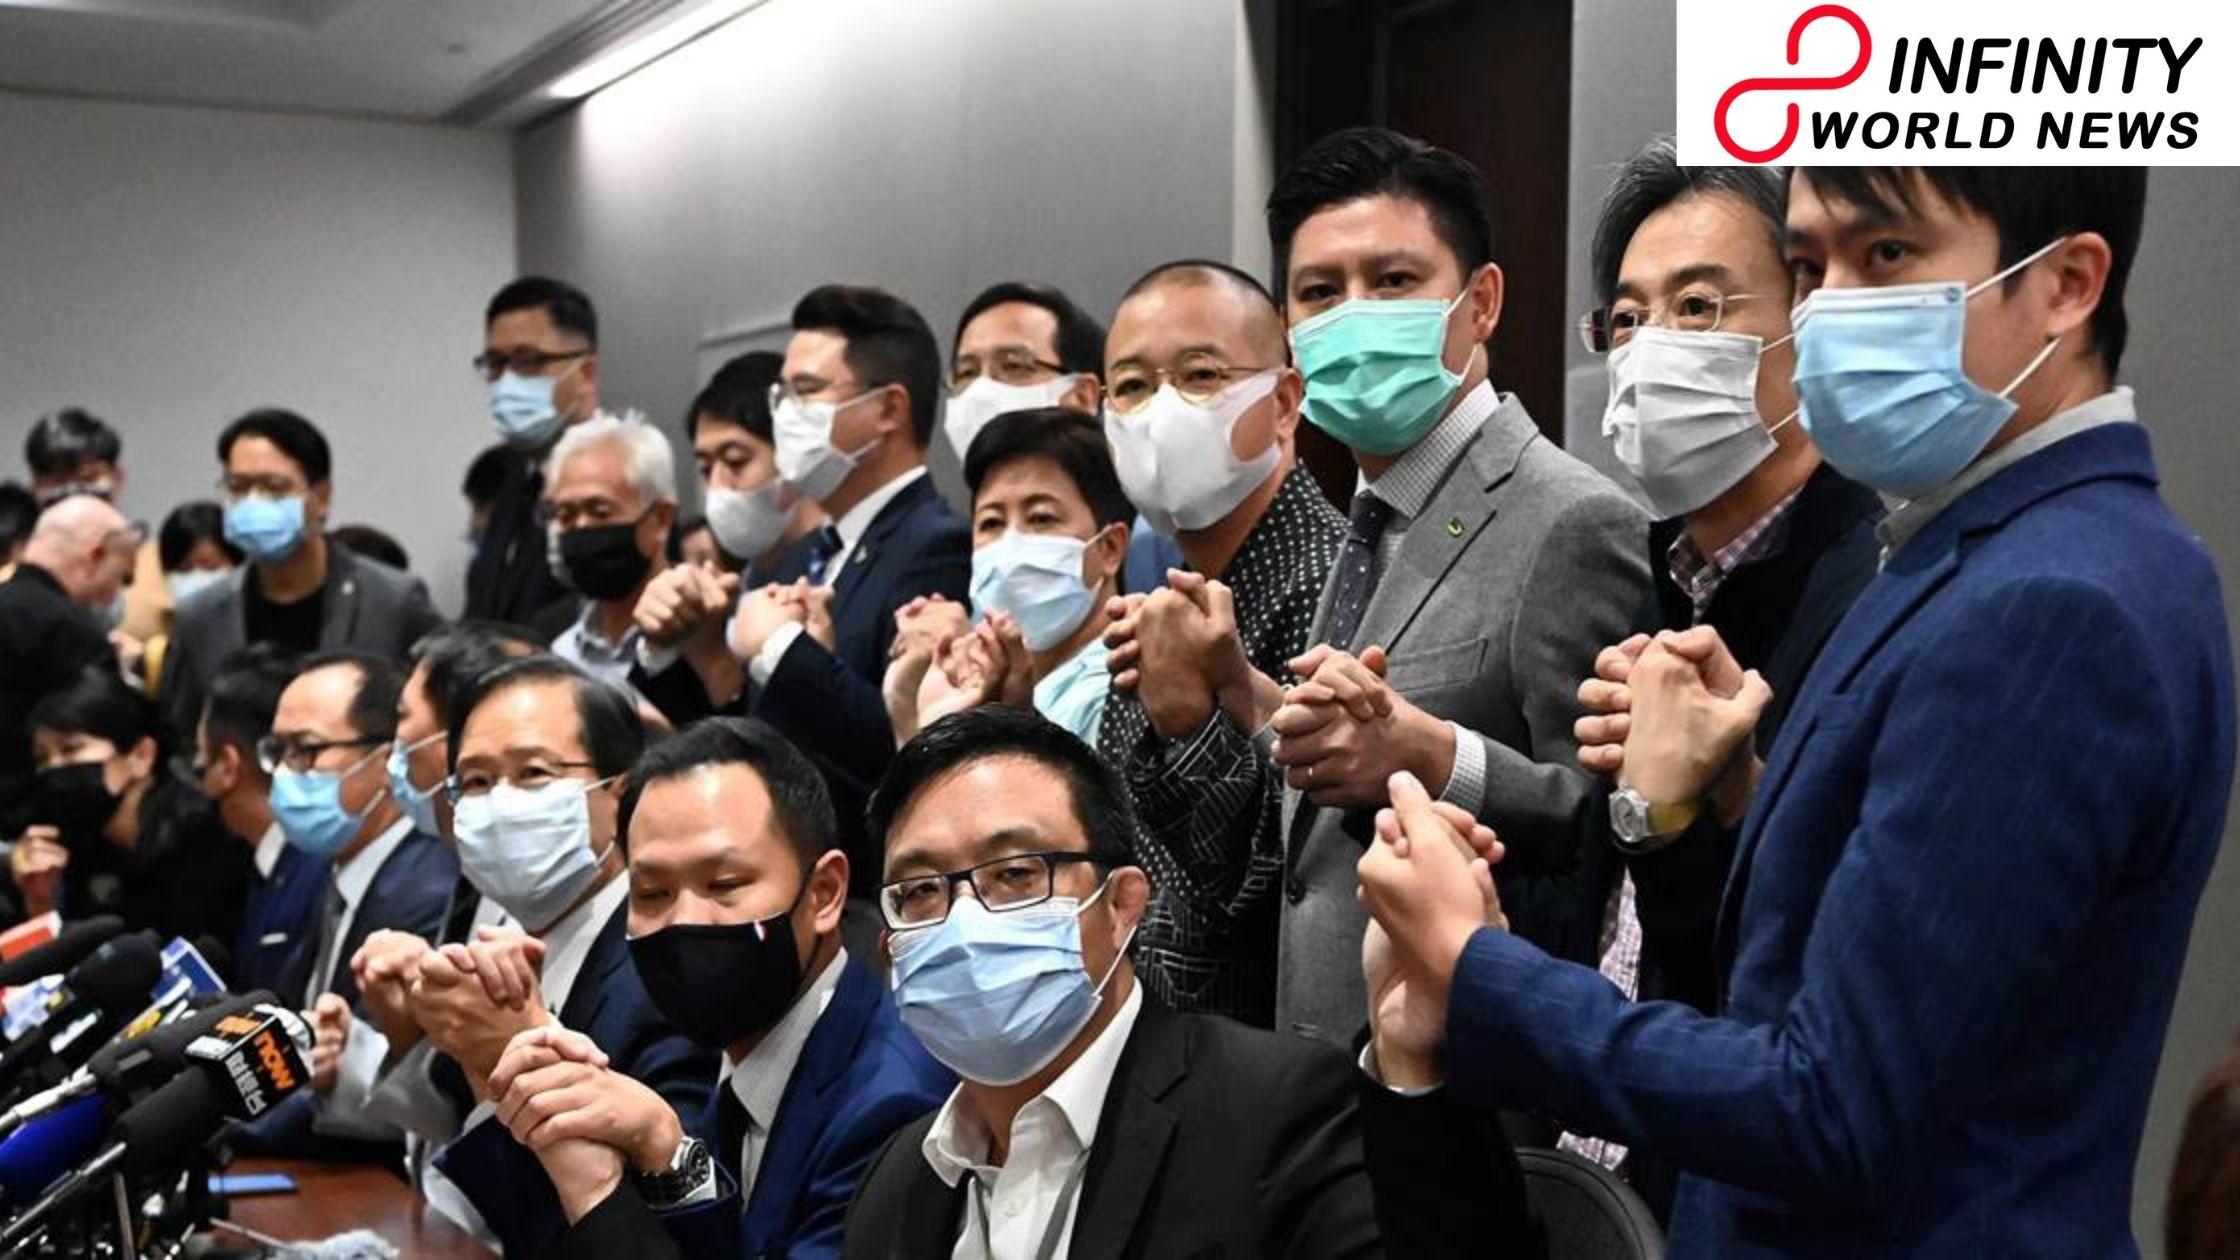 Hong Kong Defiant Hong Kong resistance denounced by China